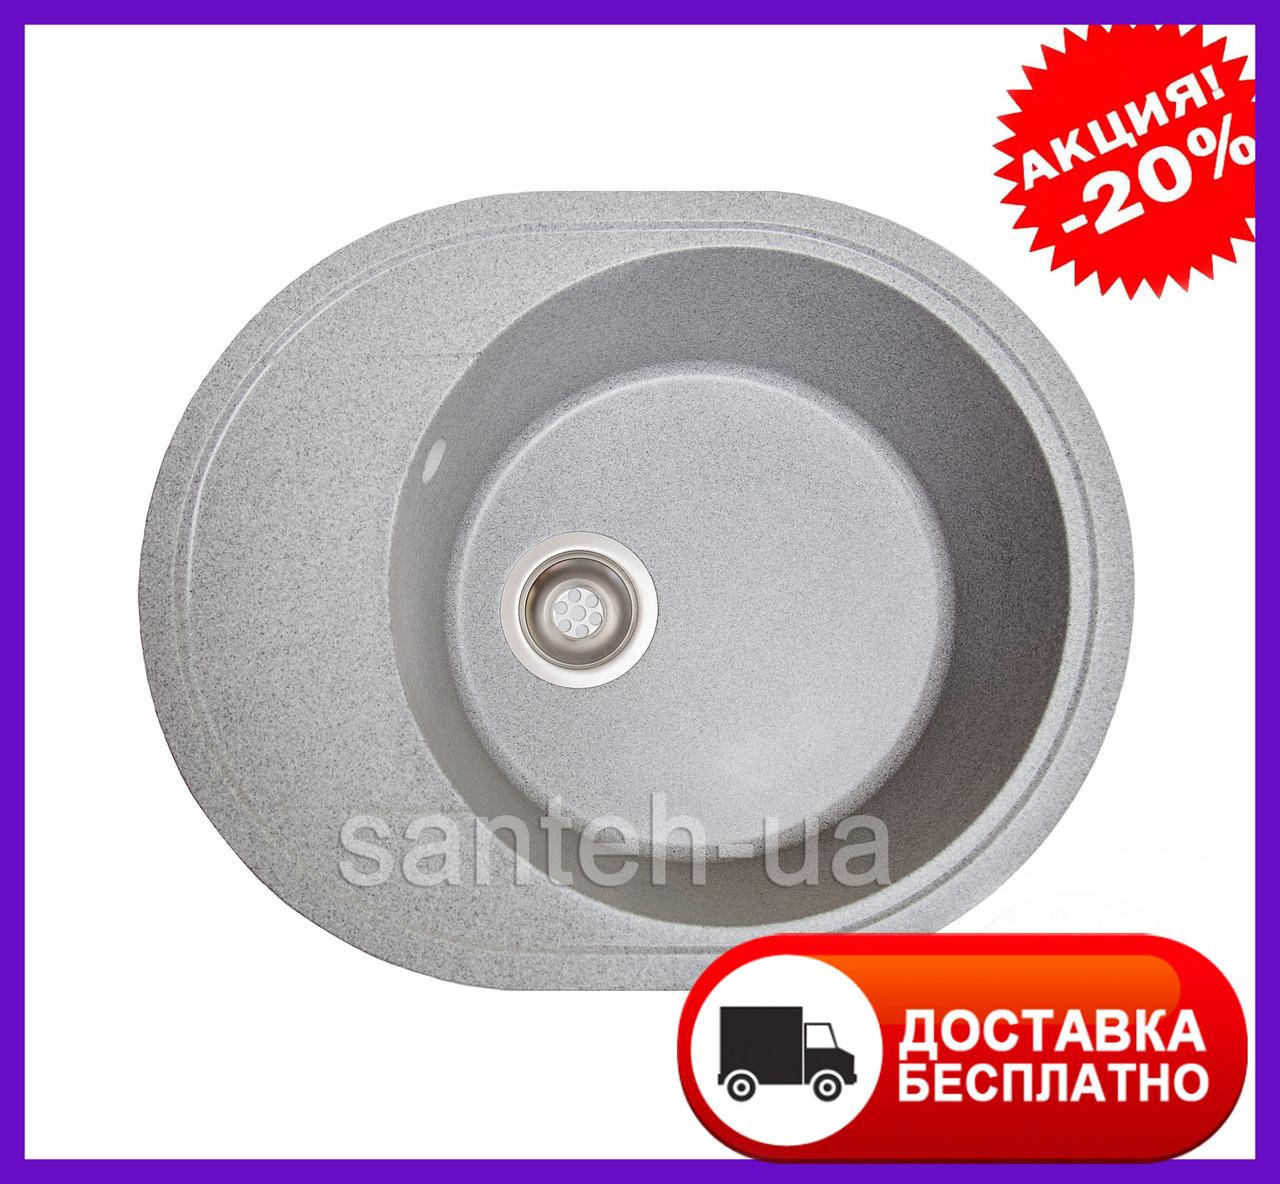 Мийка кухонна зі штучного каменю Venus (сіра)